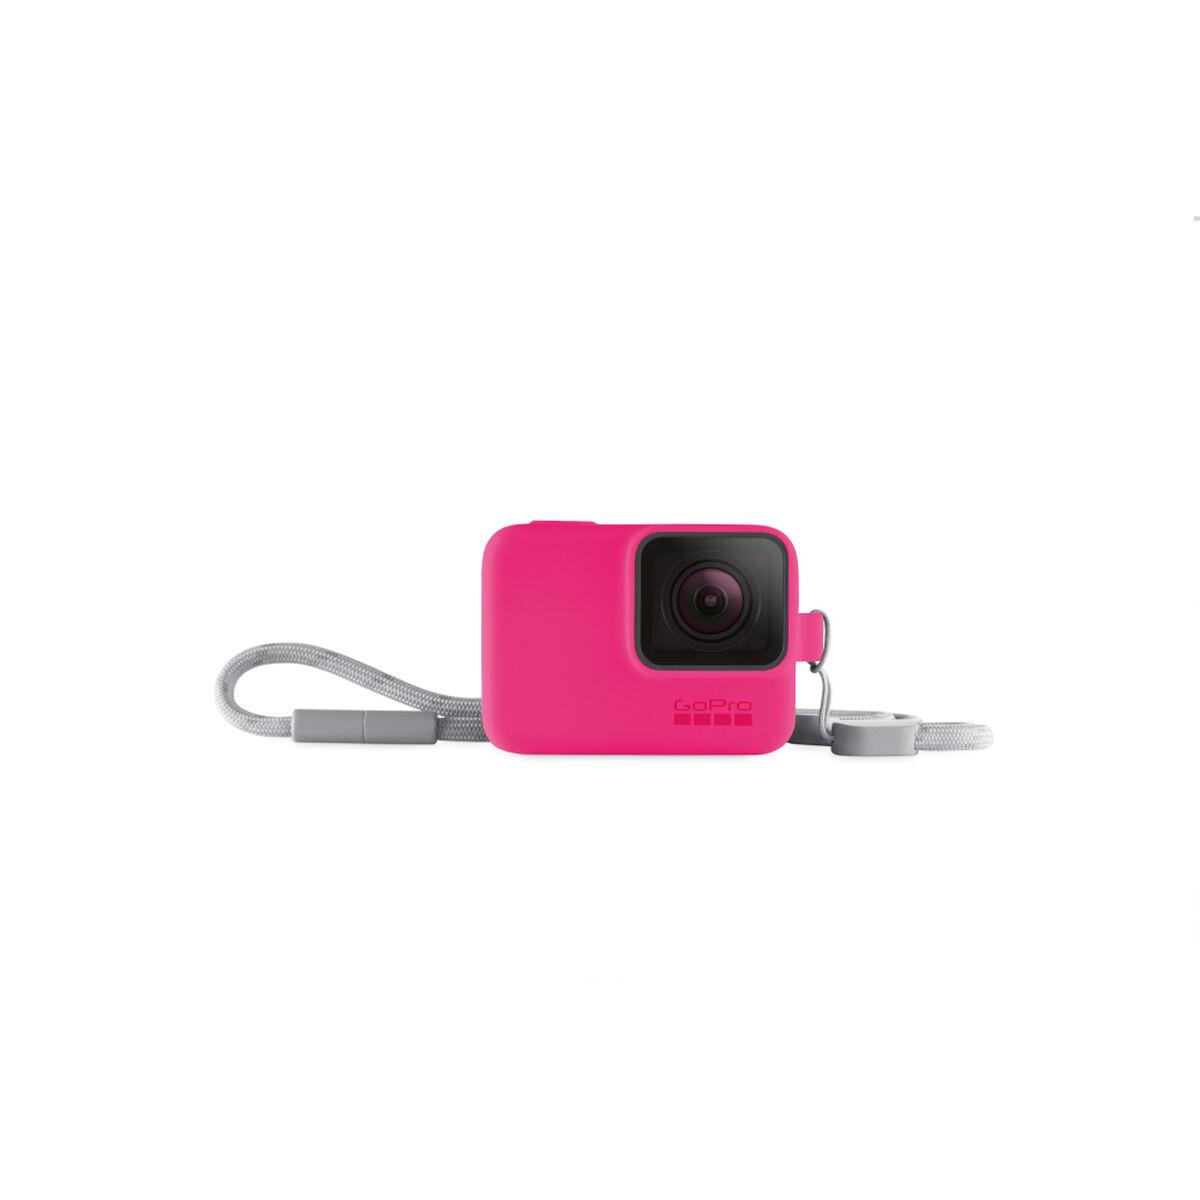 Funda de Silicona + Cordón Rosado para GoPro HERO7